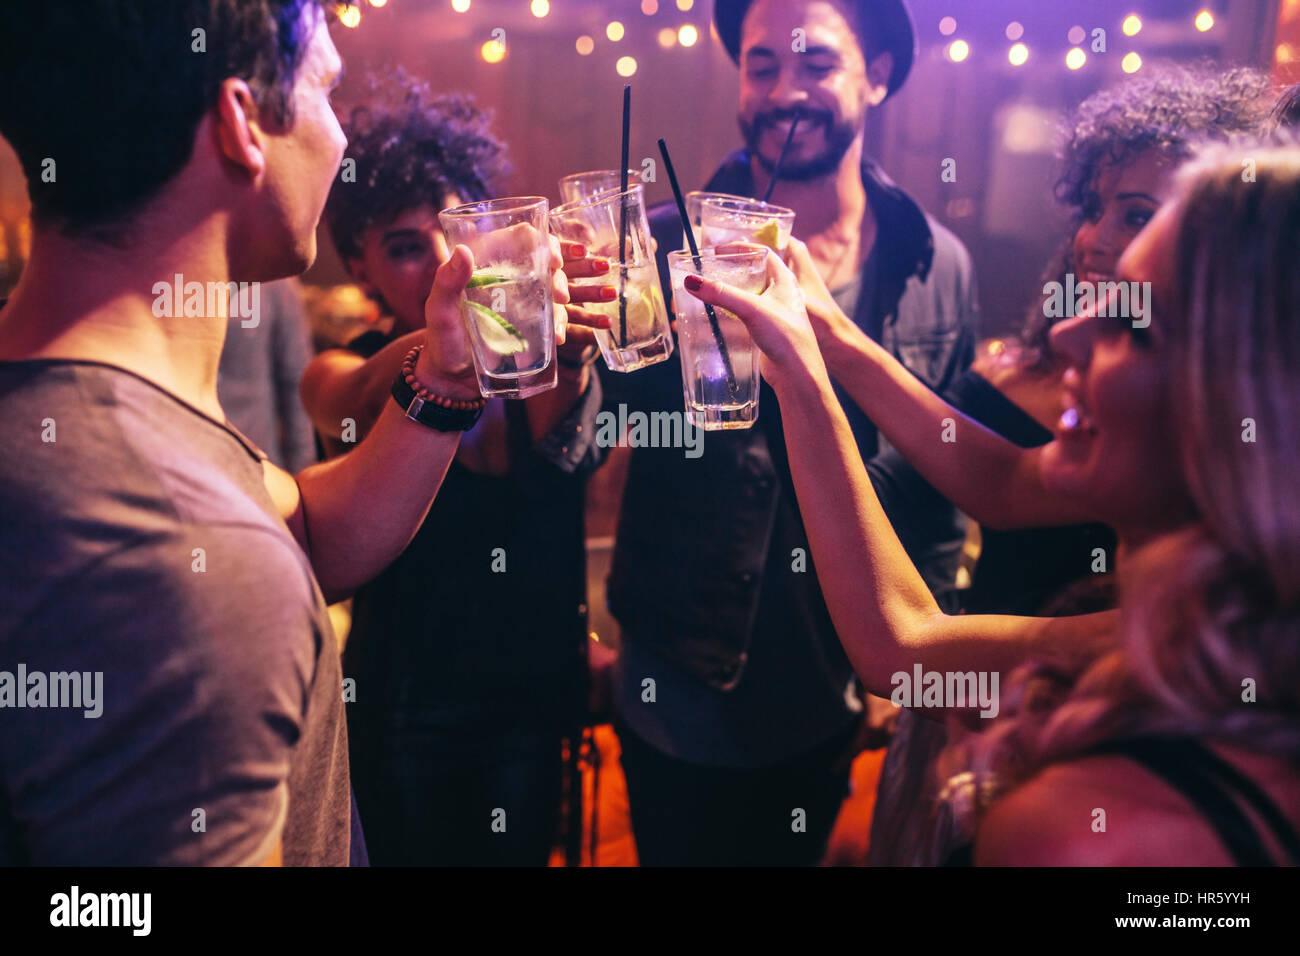 Grupo de jóvenes amigos en el club tostado con cócteles. Hombres y mujeres jóvenes en la discoteca Imagen De Stock